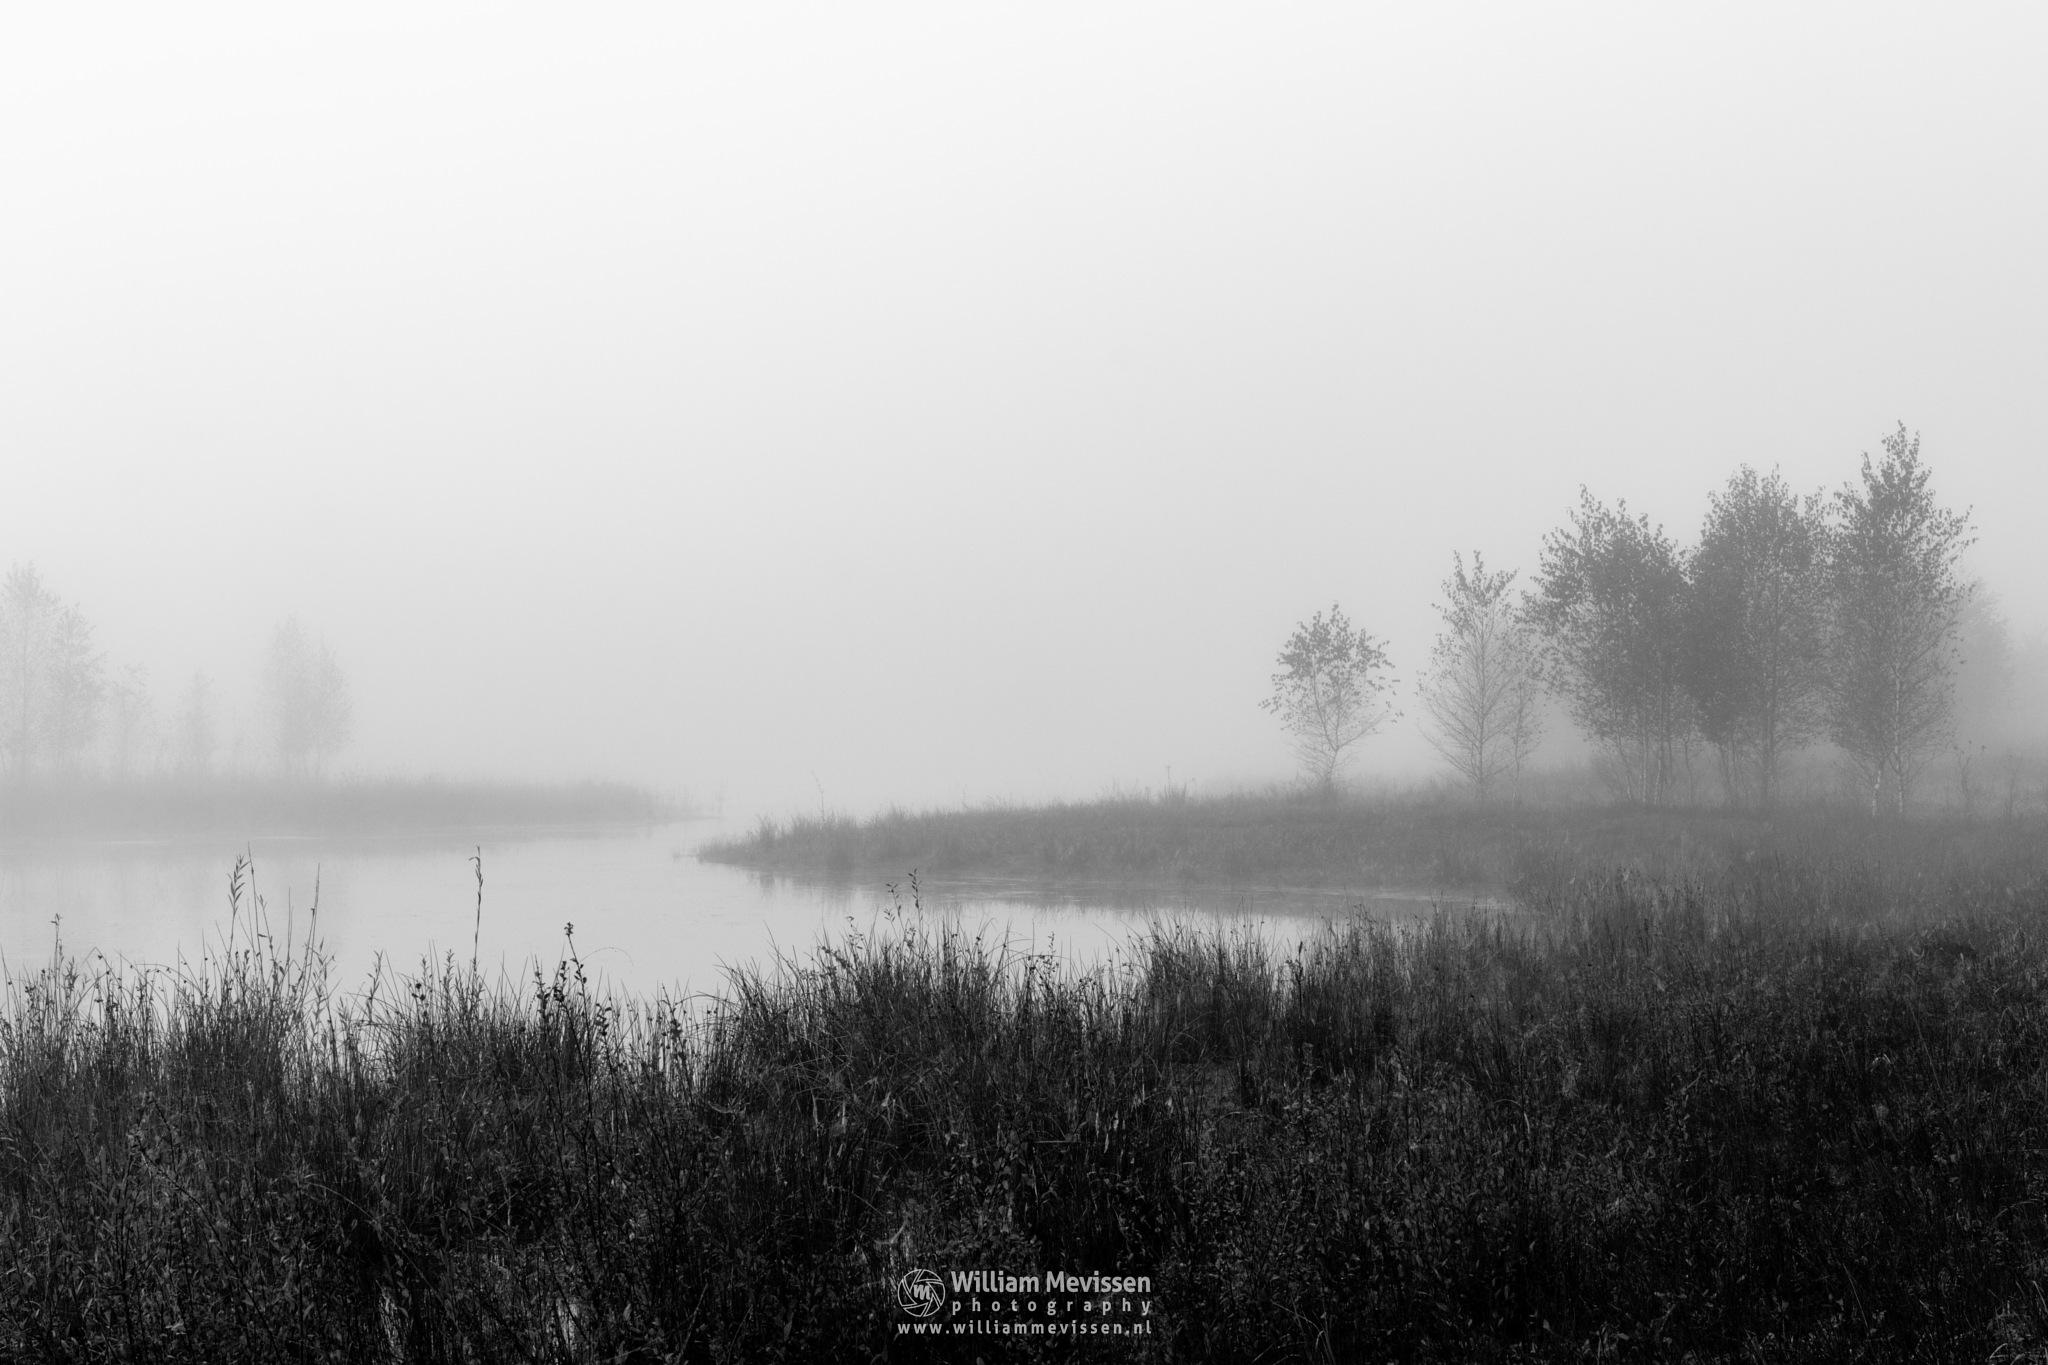 Misty Fen View by William Mevissen